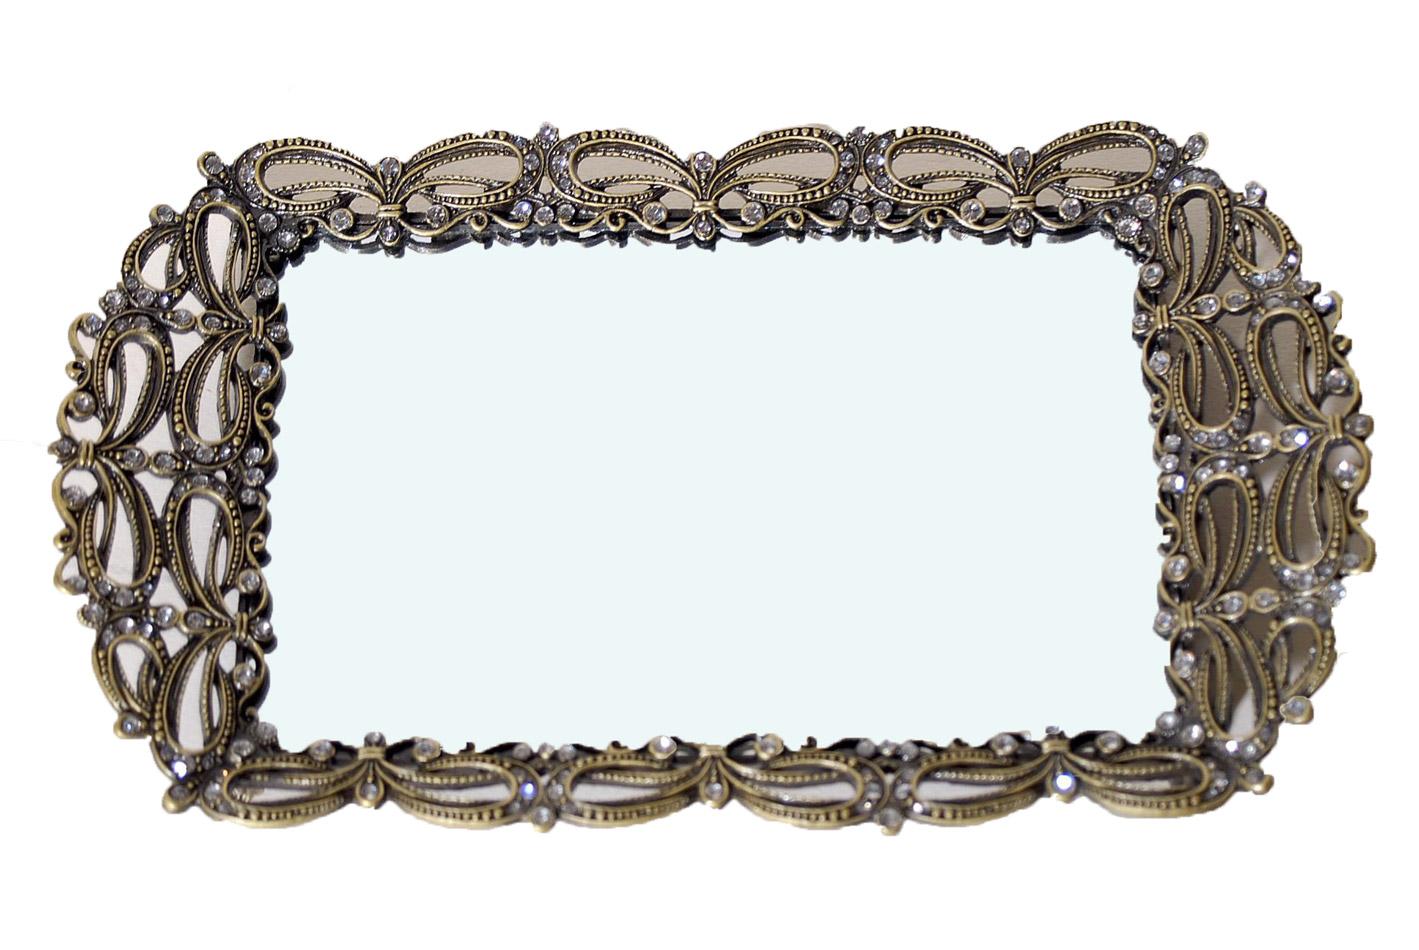 Δίσκος Σερβιρίσματος Με Καθρέπτη Μεταλλικός Royal Art 14×22εκ. GRA7/18790 (Υλικό: Μεταλλικό) – Royal Art Collection – GRA7/18790